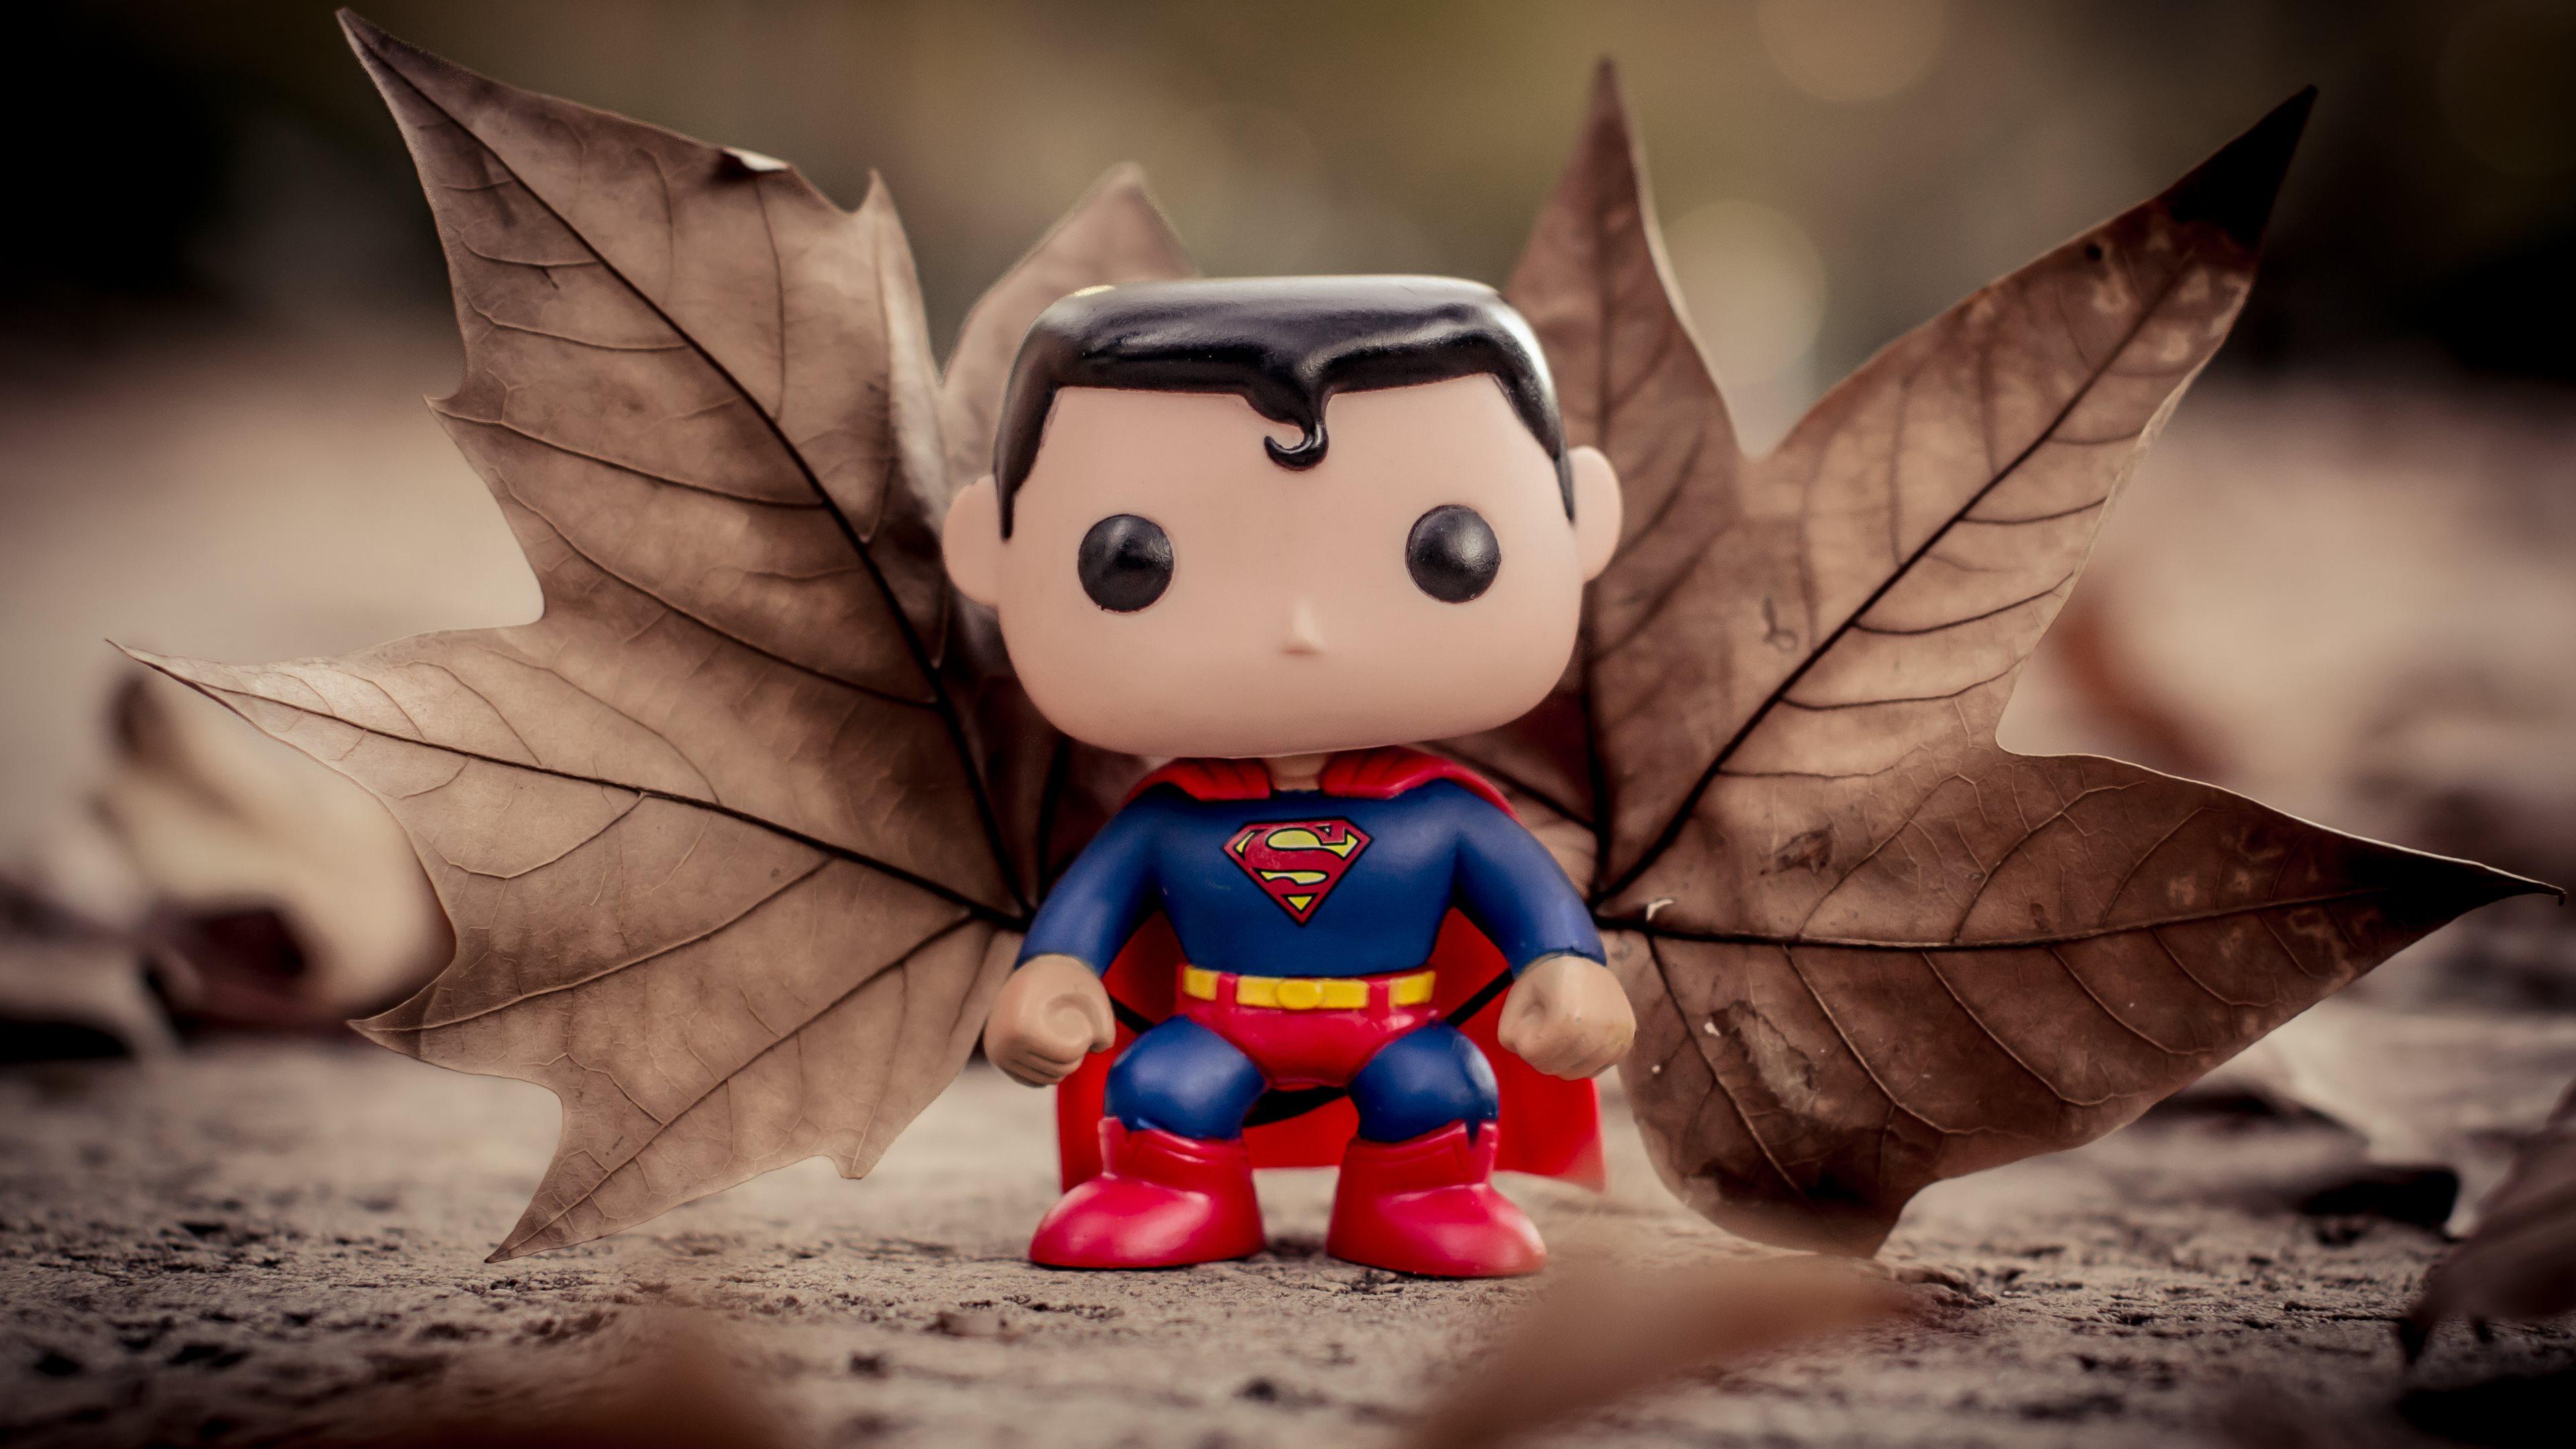 little superman hd wallpapers 4k